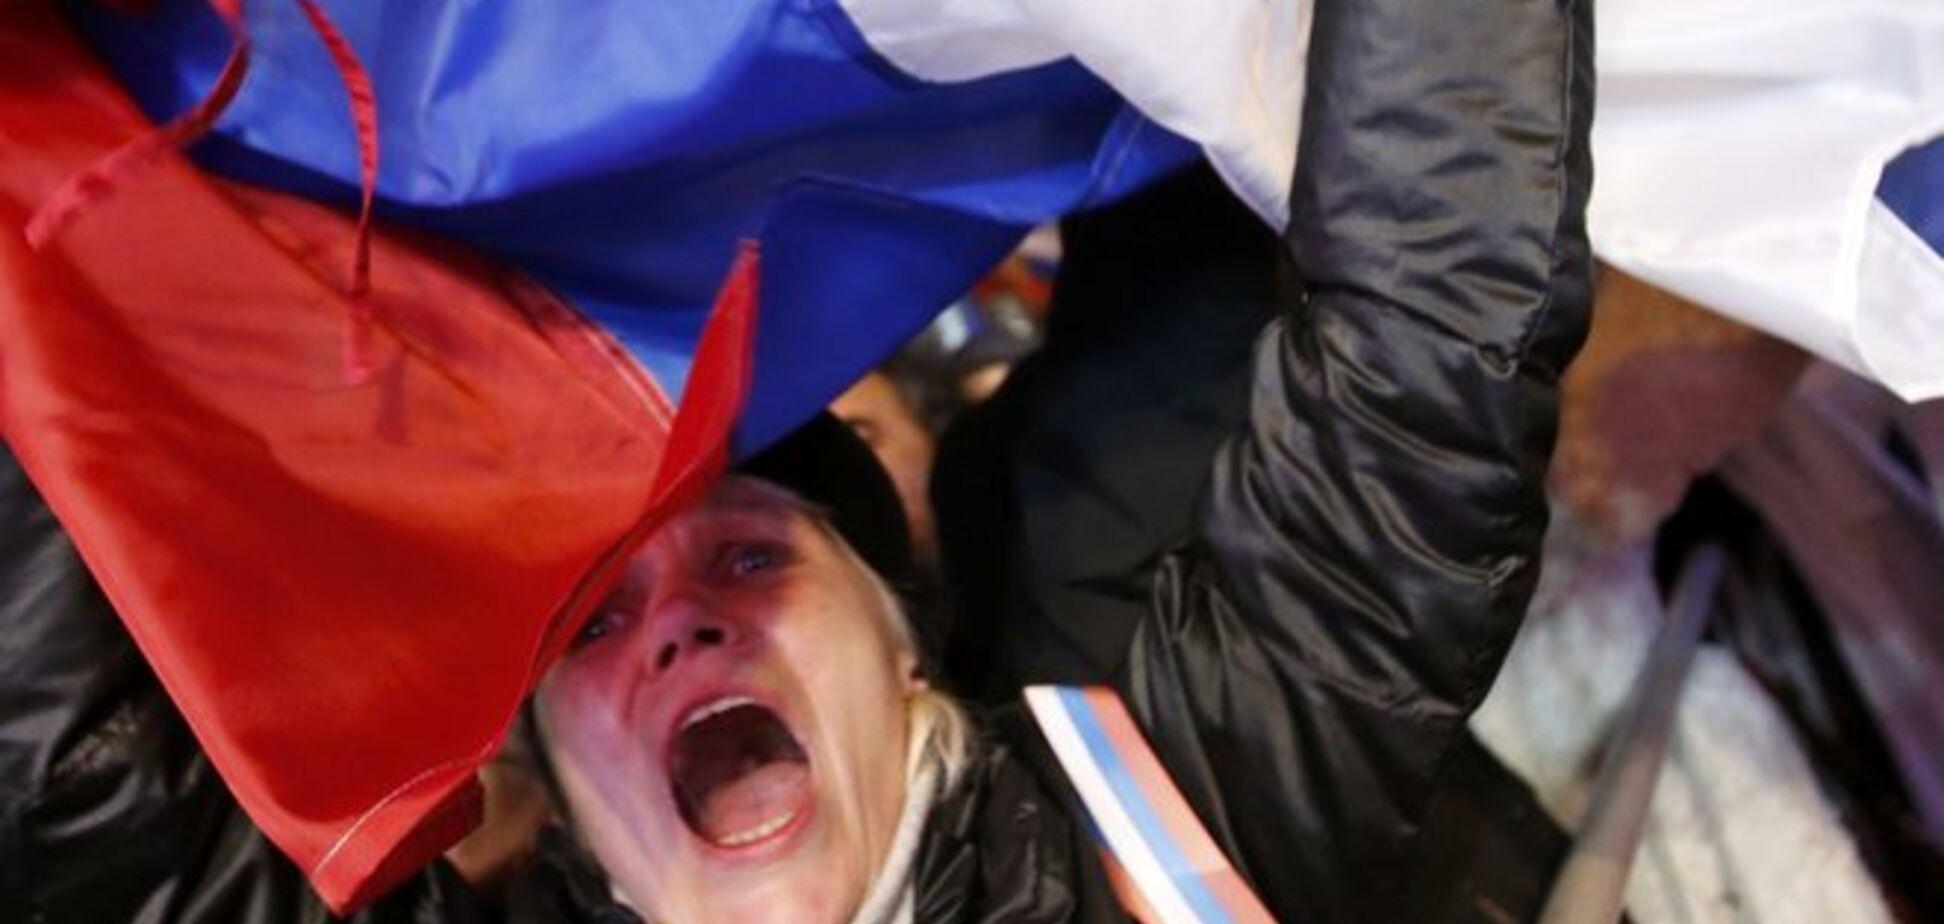 На Донбассе похитили преподавателя за проукраинскую позицию